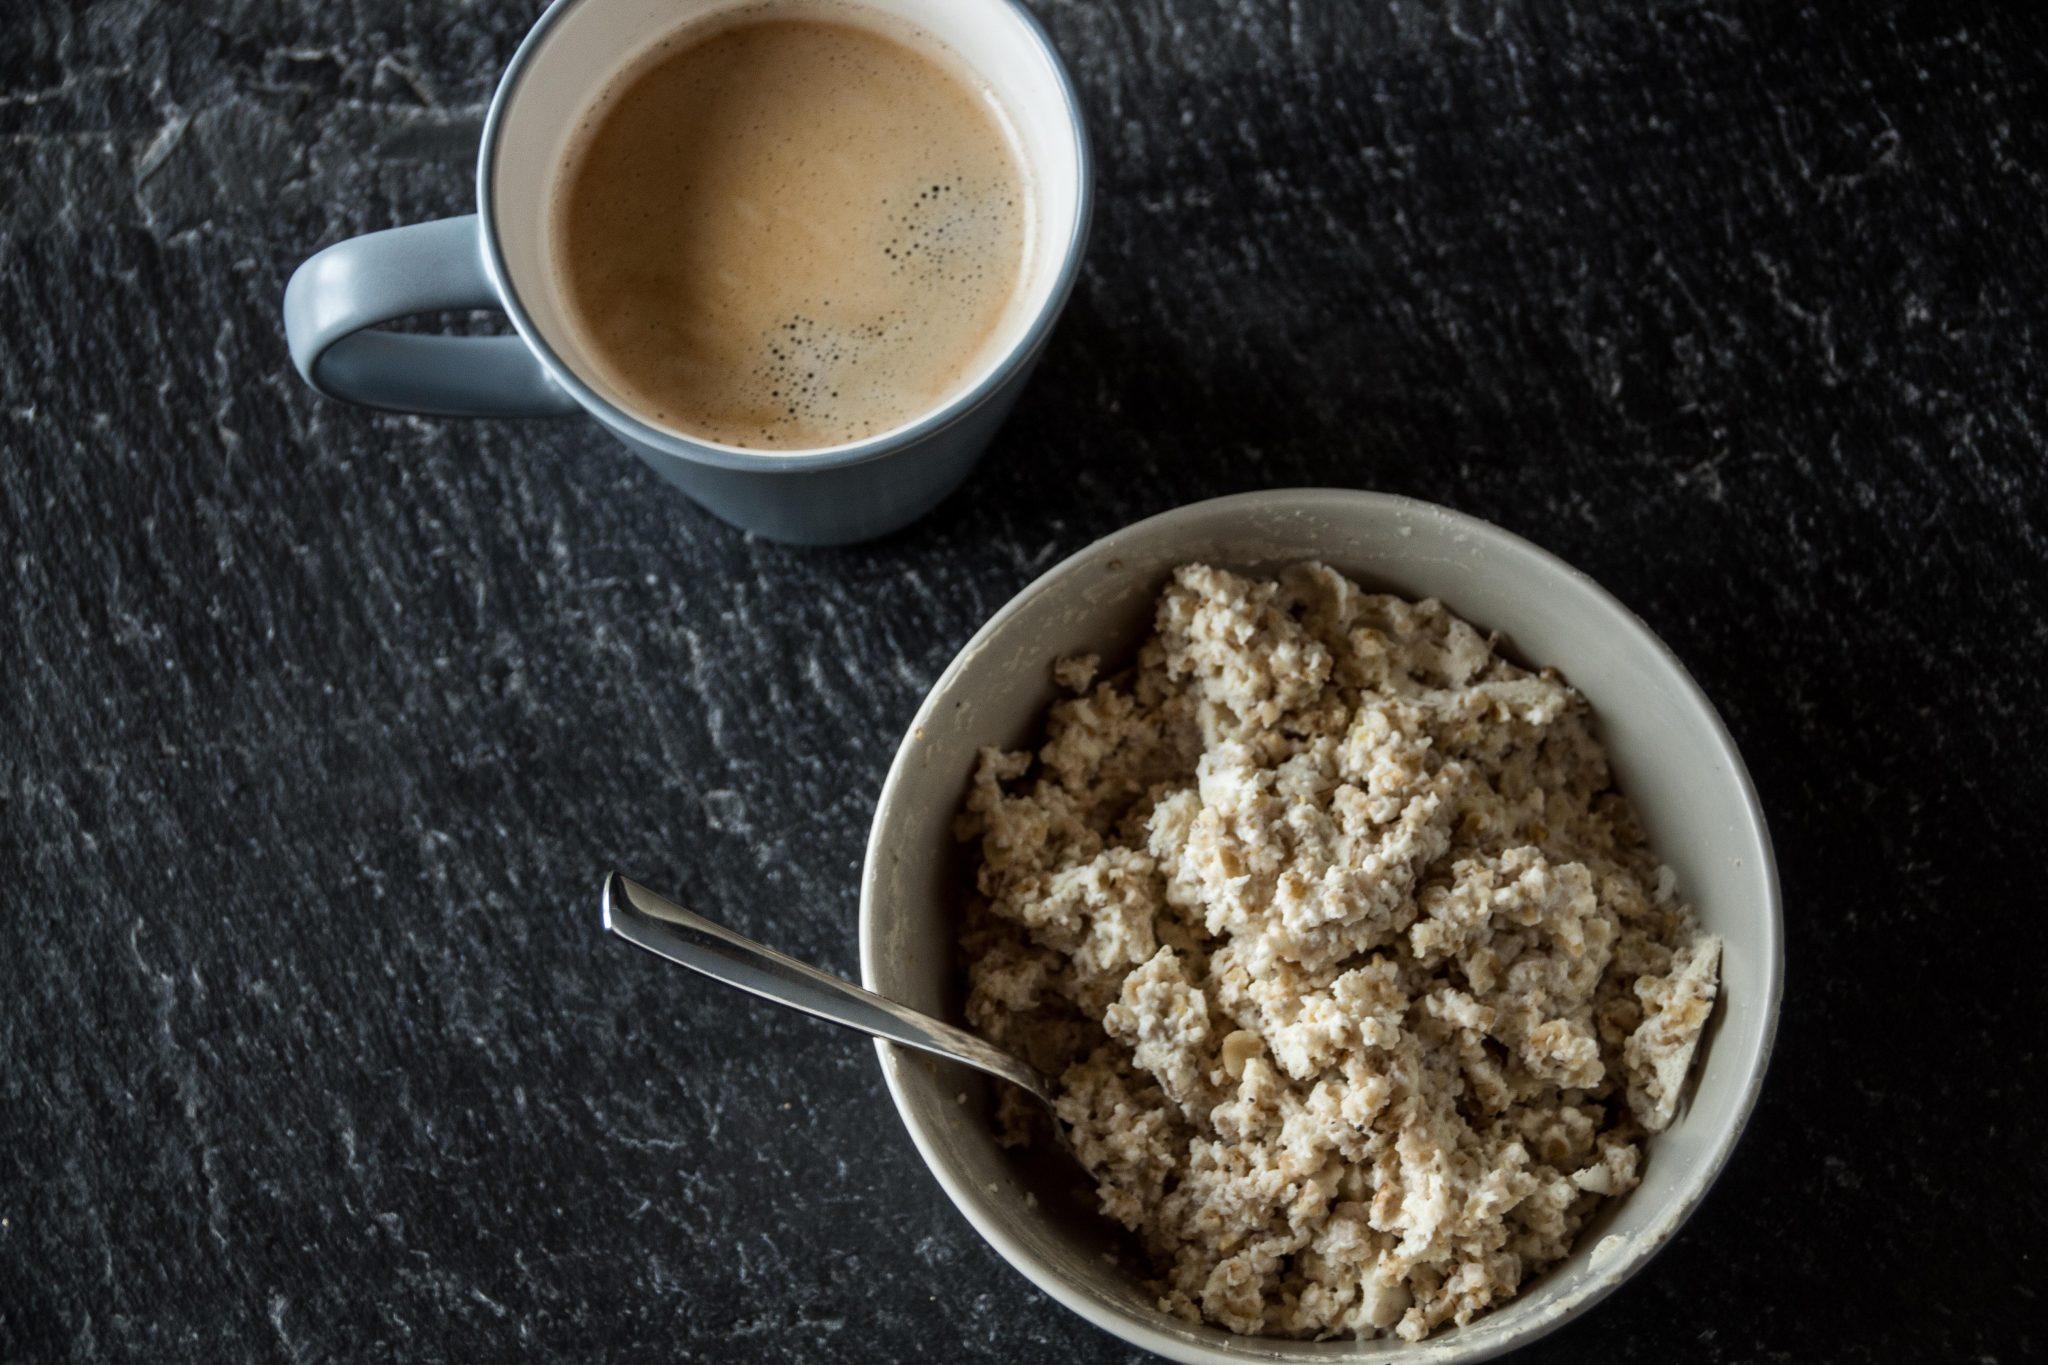 Menge Mandeln pro Tag, um Gewicht zu verlieren